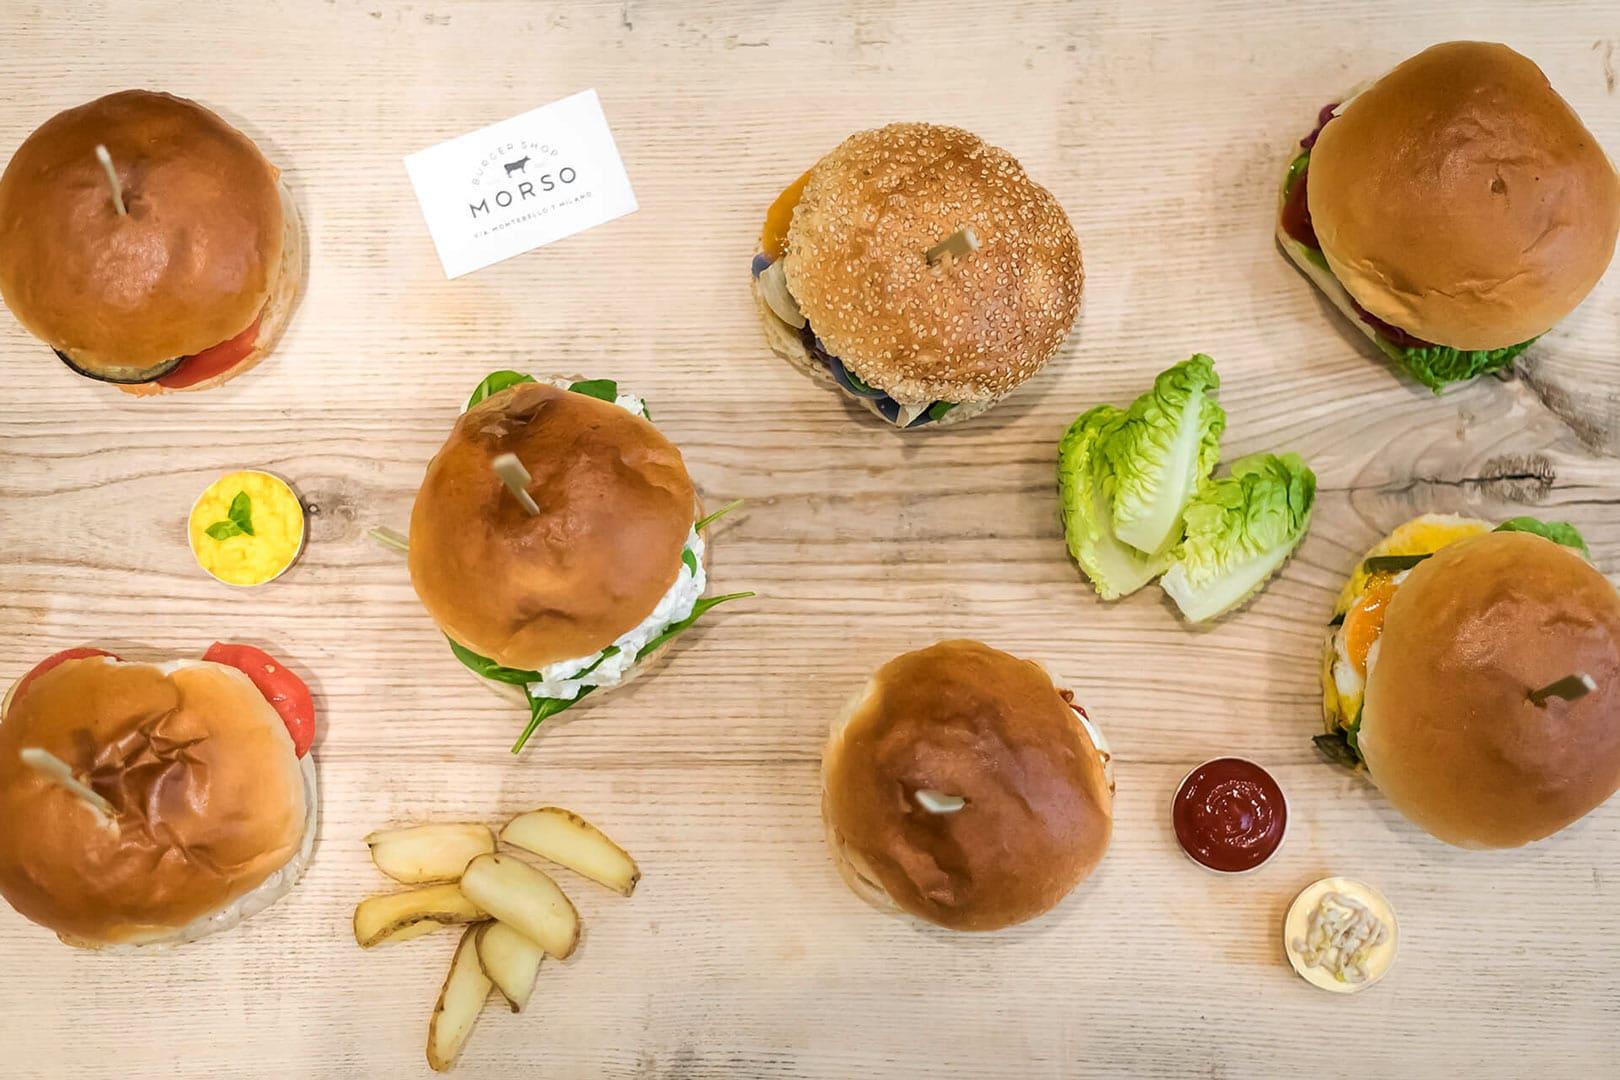 Morso Burger - Milano